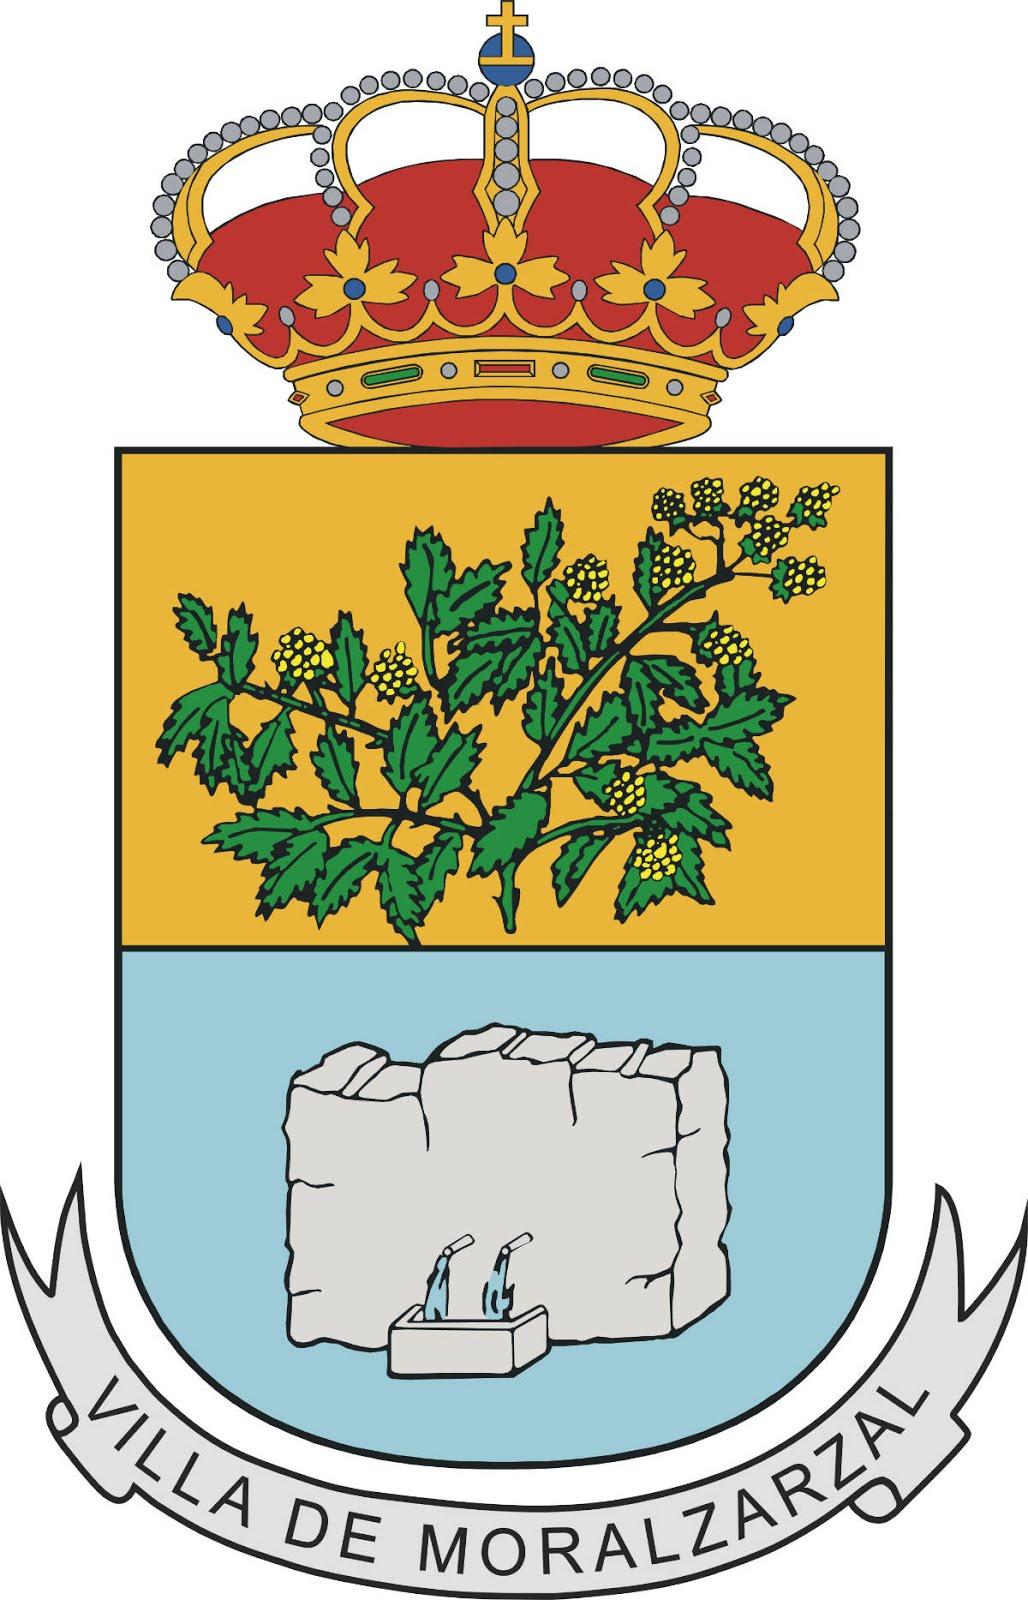 Escudo de Moralzarzal